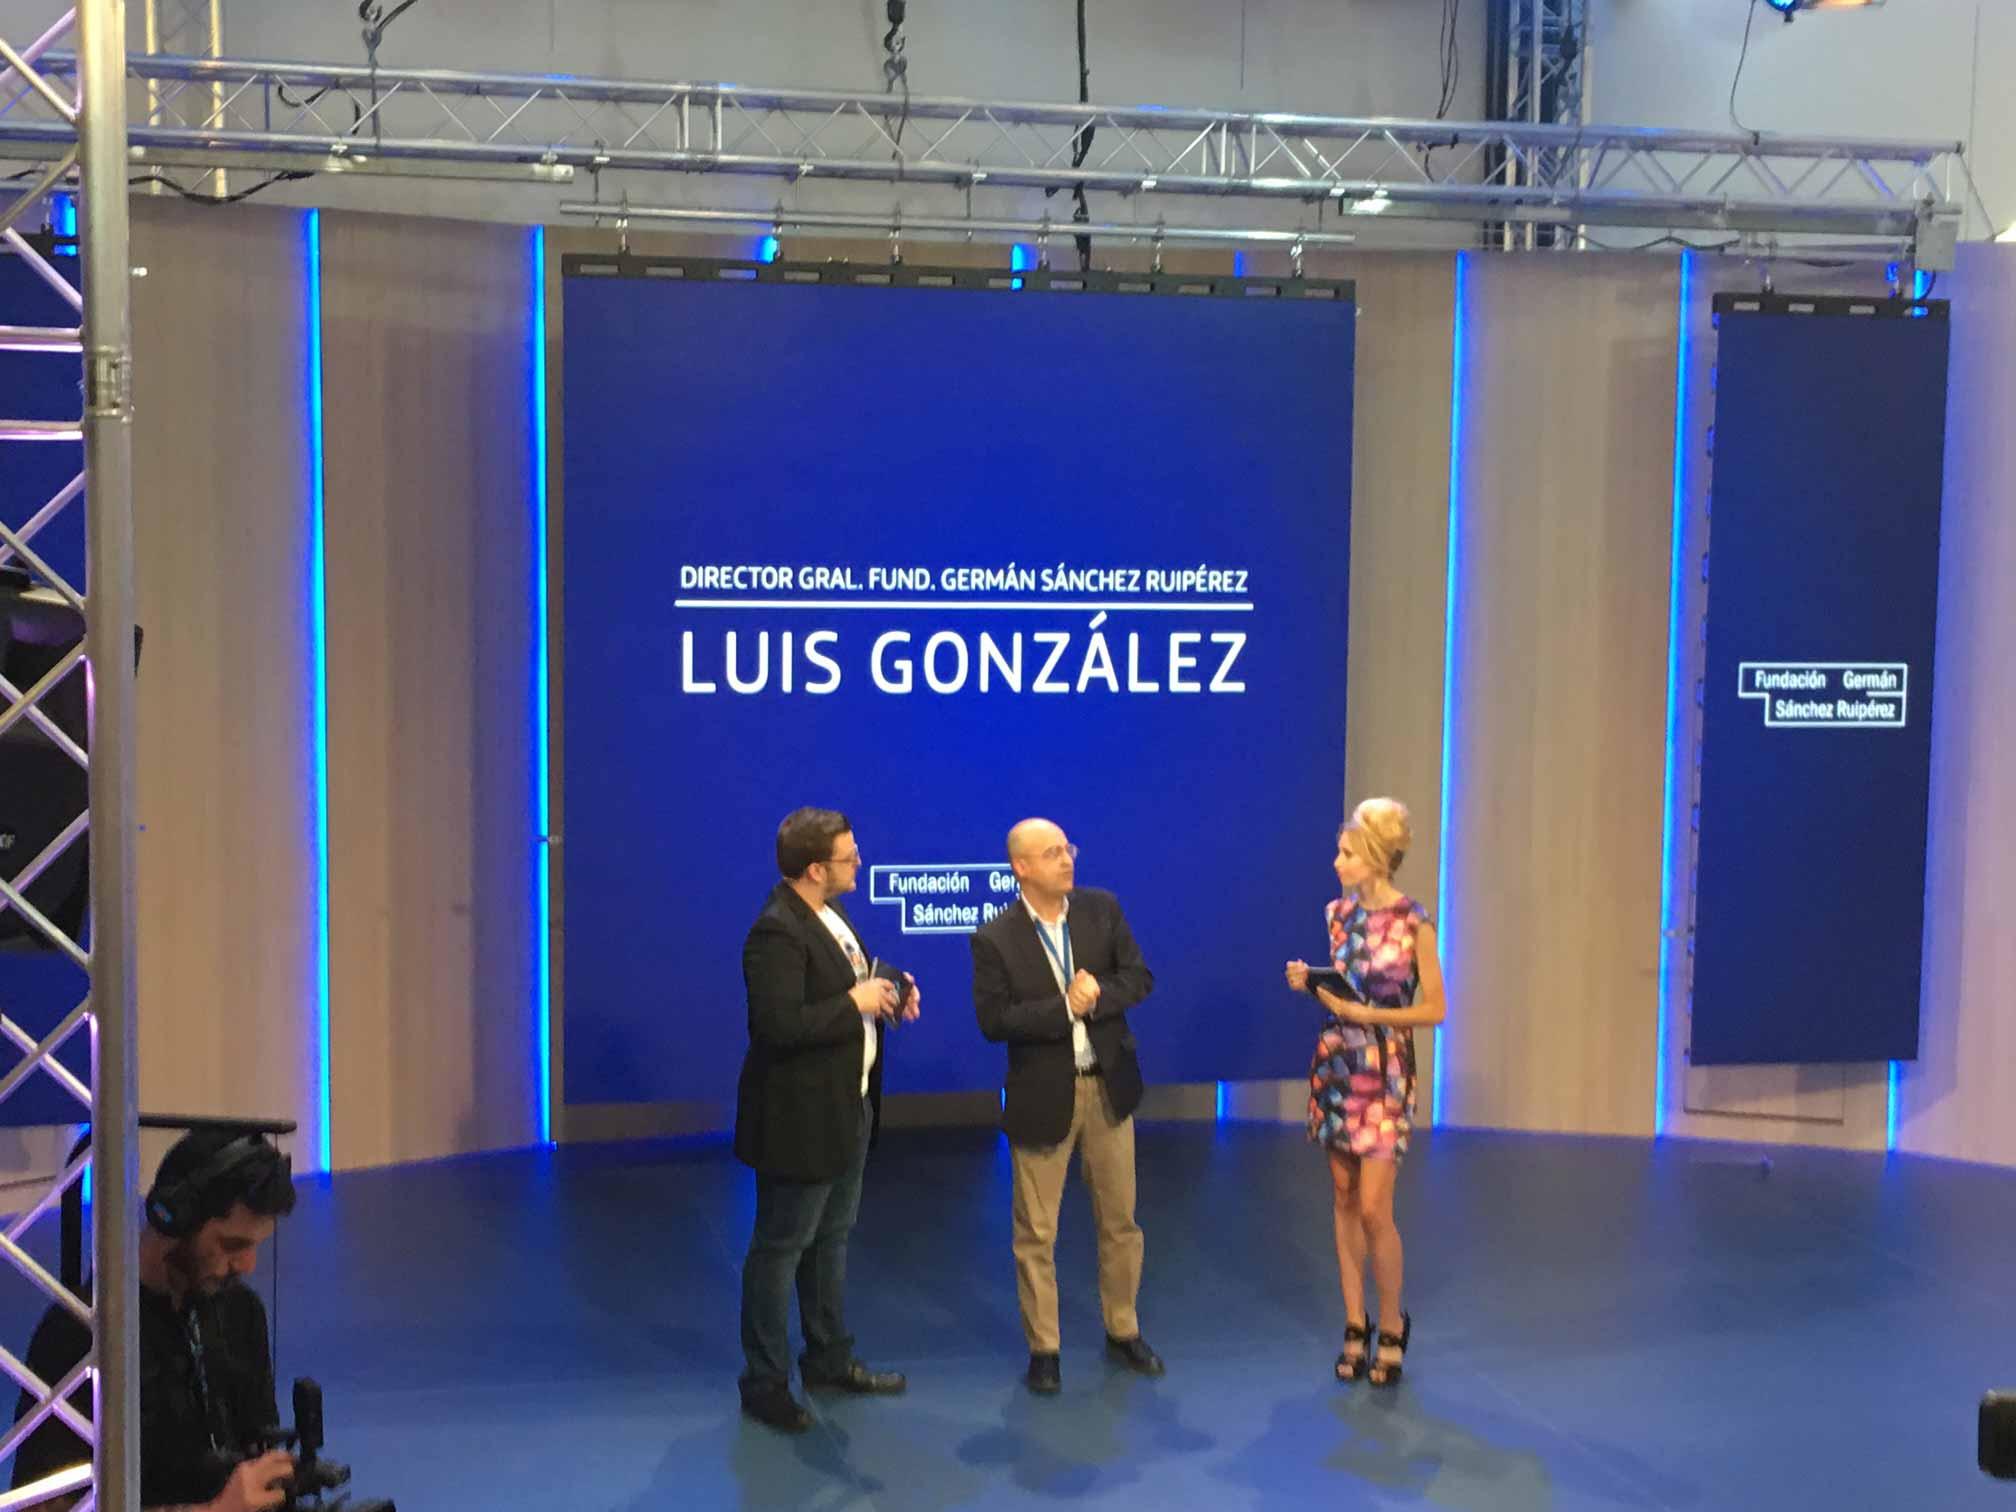 Luis González Movistar Riders